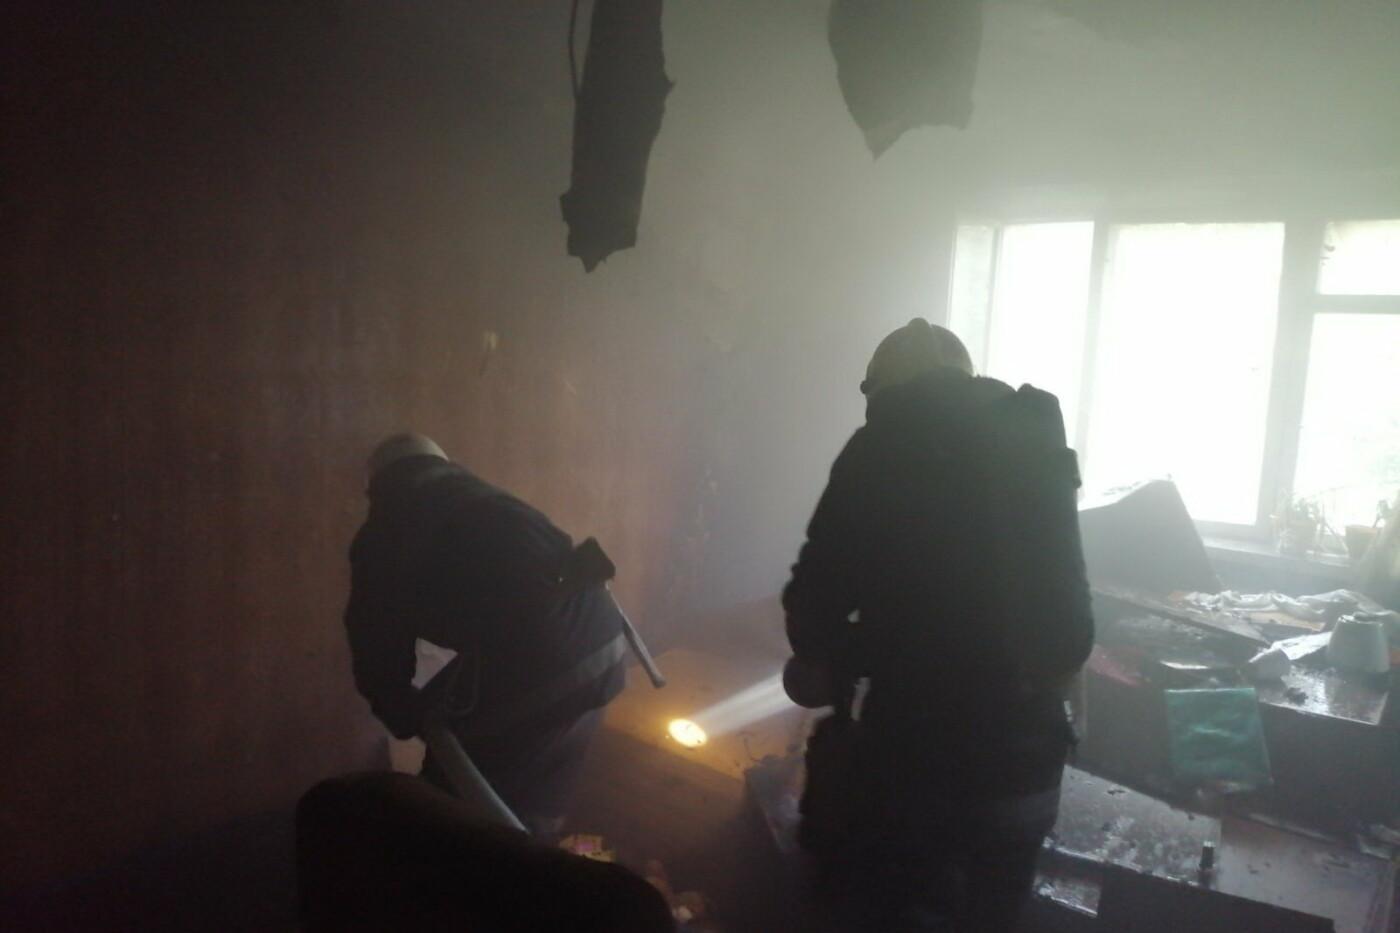 В Харькове спасатели эвакуировали два человека из горящей «пятиэтажки», - ФОТО, фото-1